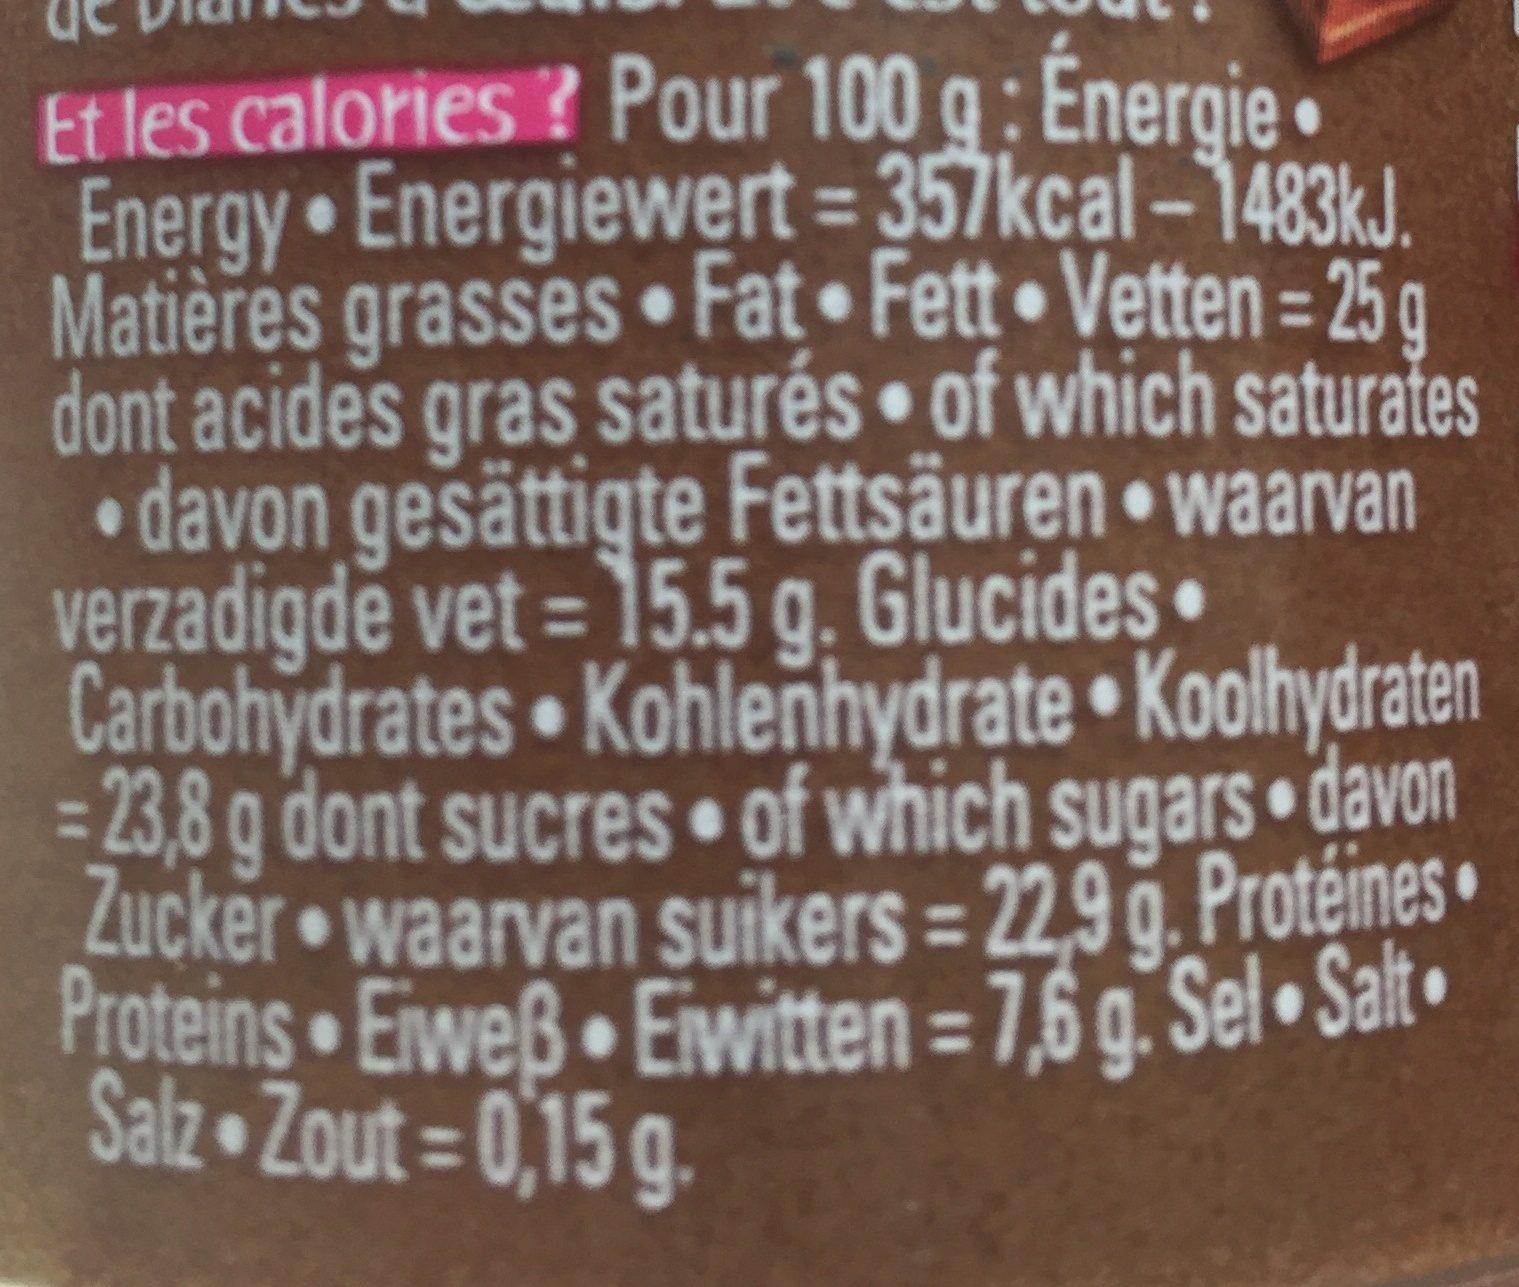 L'incroyable mousse au chocolat noir - Voedingswaarden